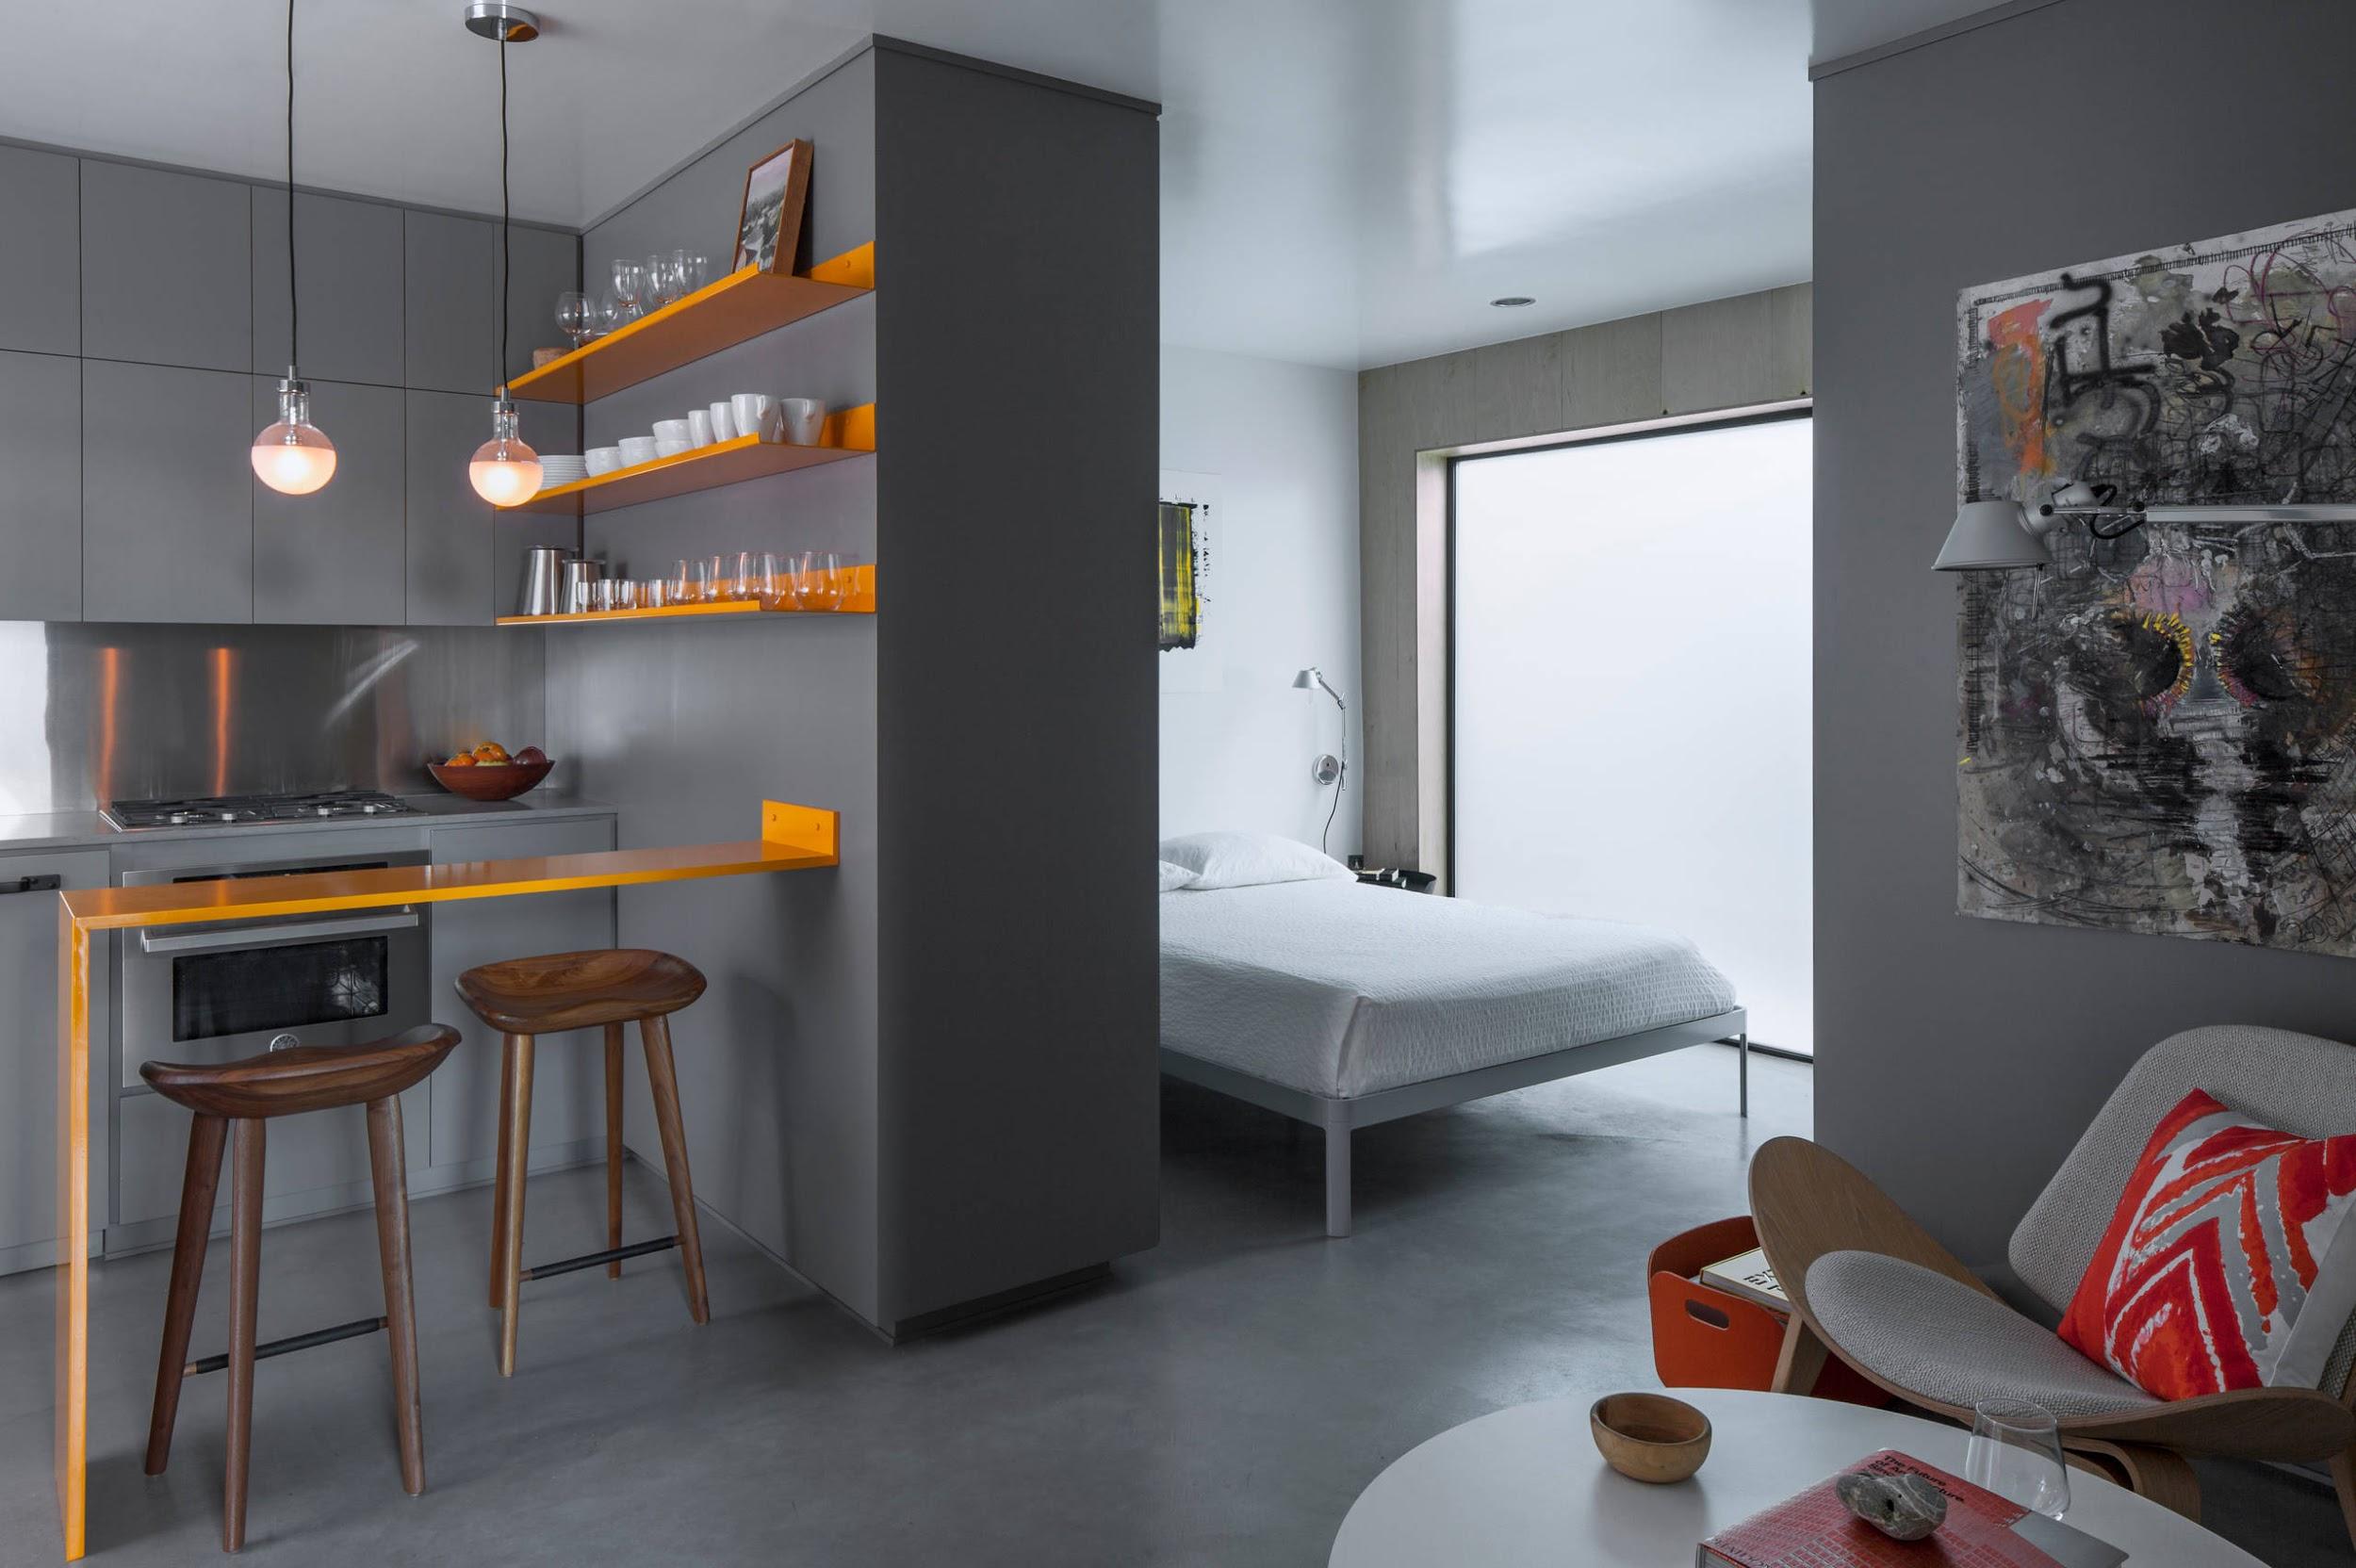 Современный стиль в квартирном дизайне: фото и особенности